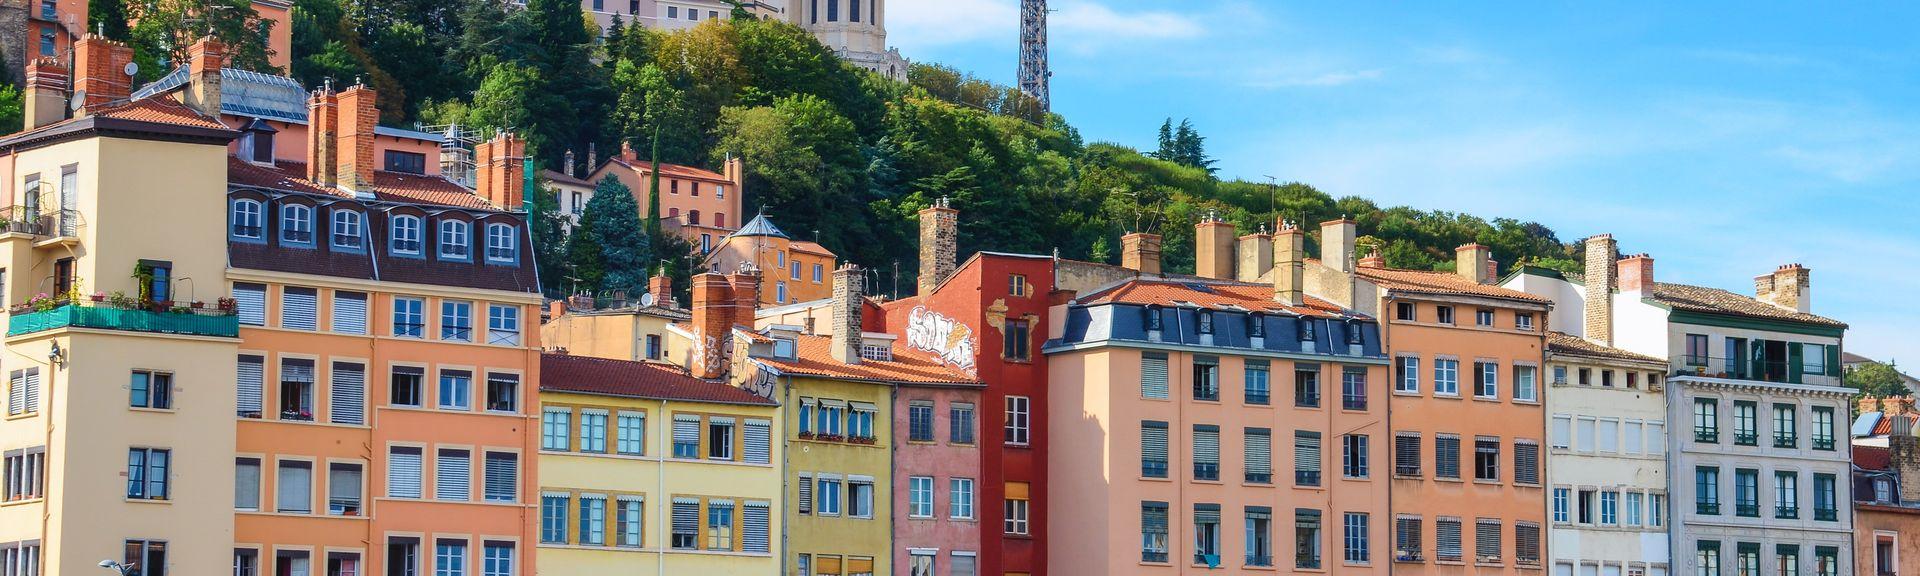 Auvergne-Rhône-Alpes, Ranska